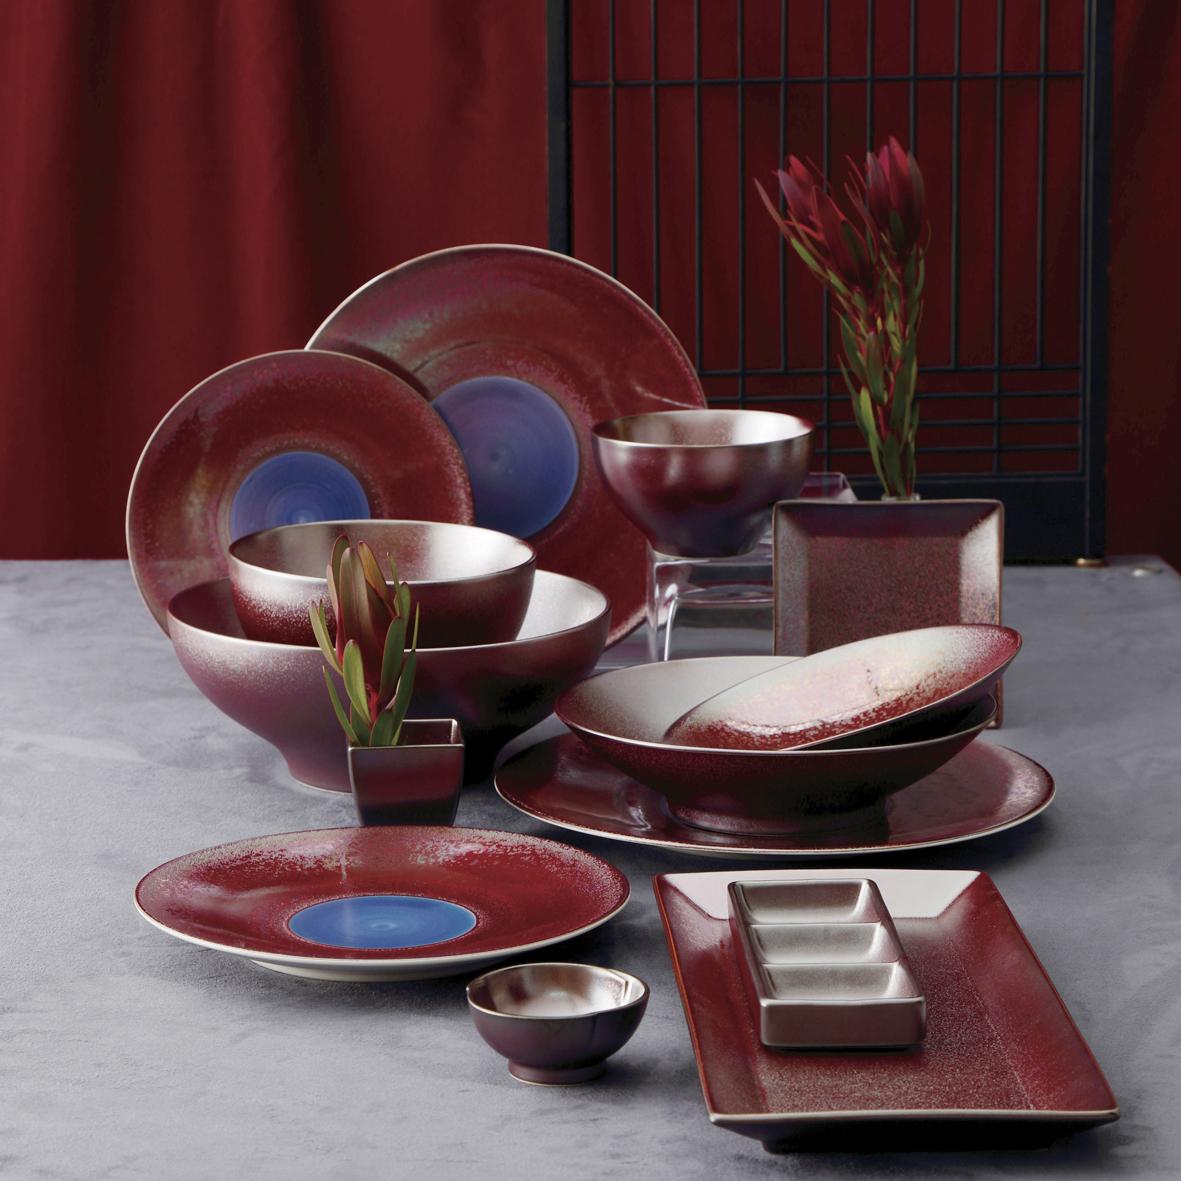 新アイテム掲載!信楽焼などの様々な陶器をご紹介します。